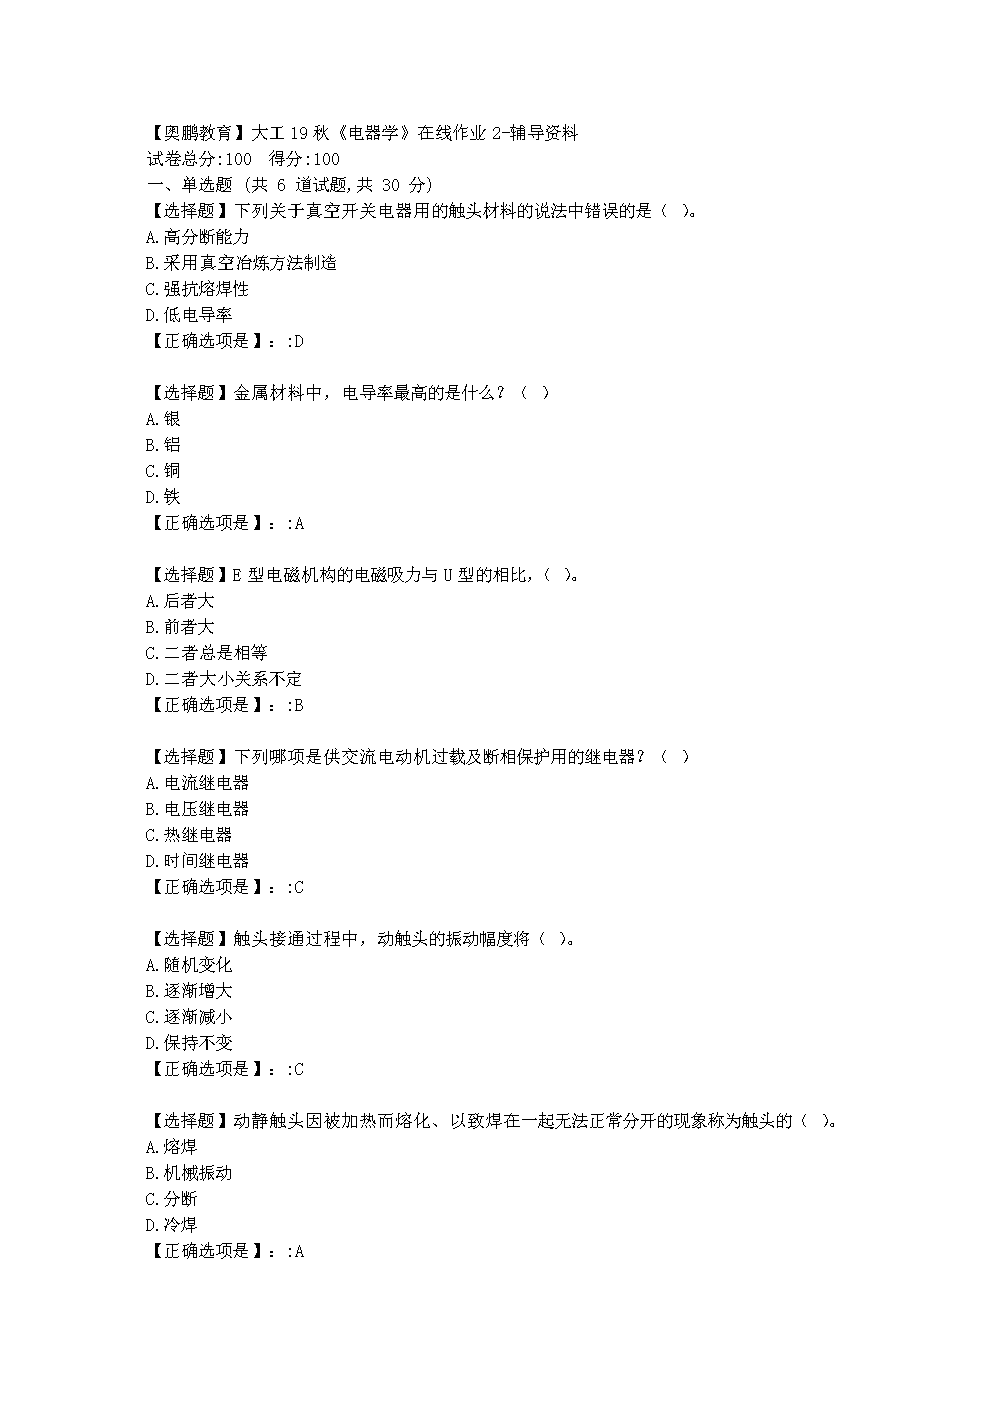 大连理工大学19秋《电器学》在线作业2学习资料.doc